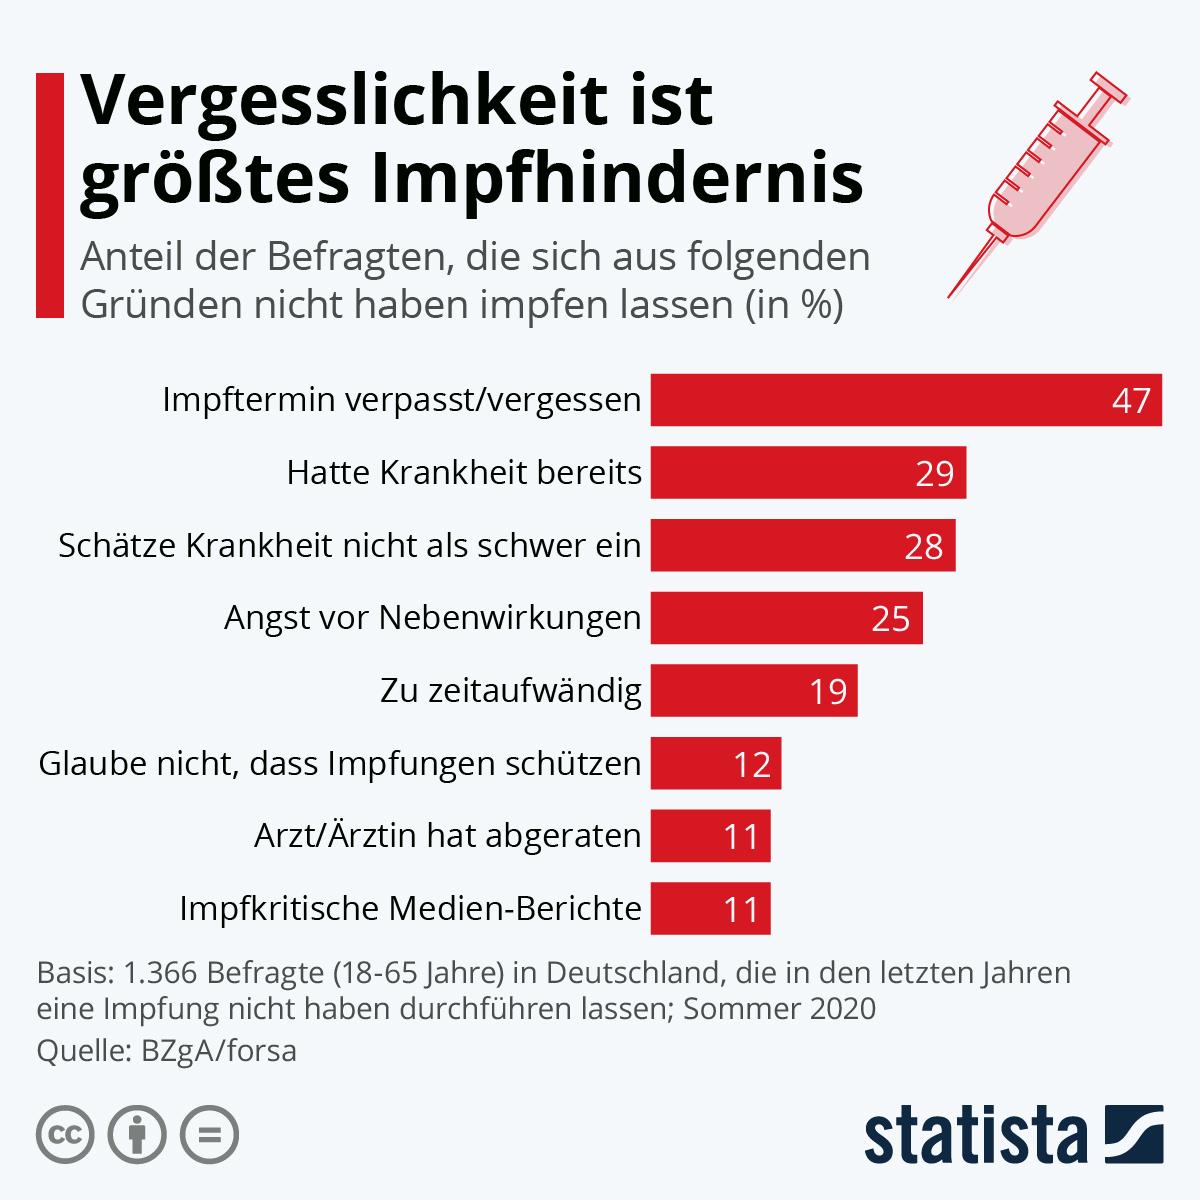 Hpv Impfung Nebenwirkungen Unfruchtbarkeit